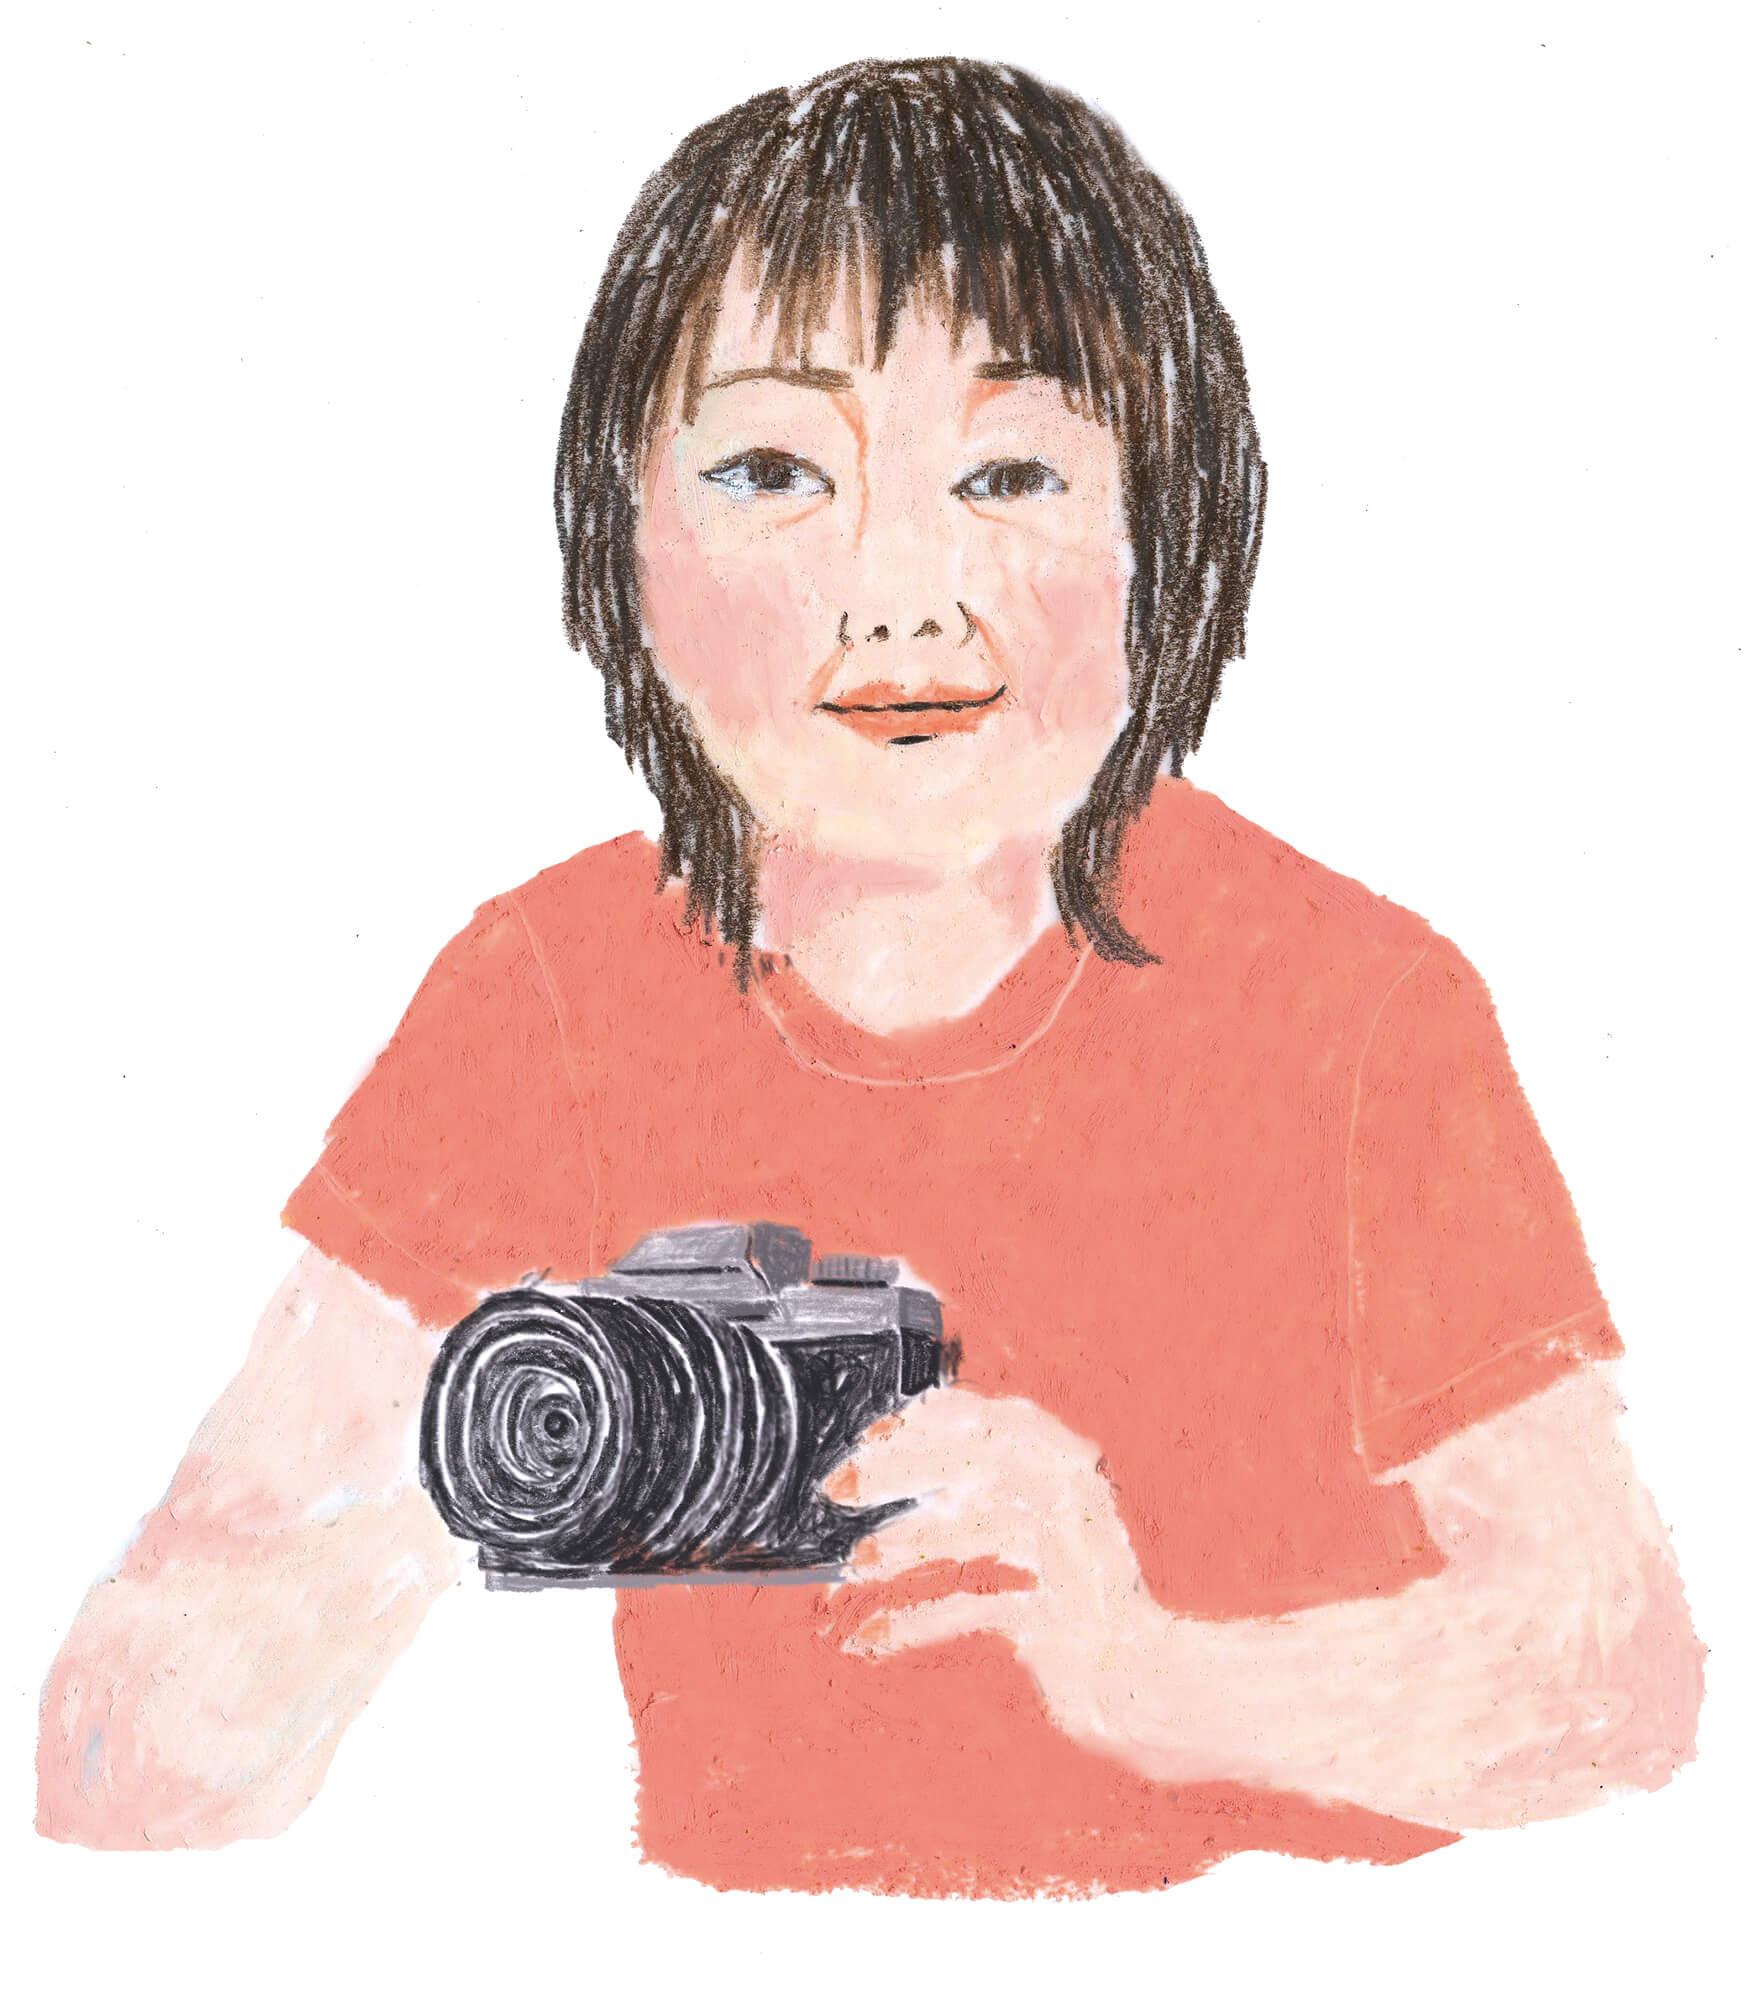 「ねこのきもち」イラストカット ベネッセ2018年「カメラを持つ女性」